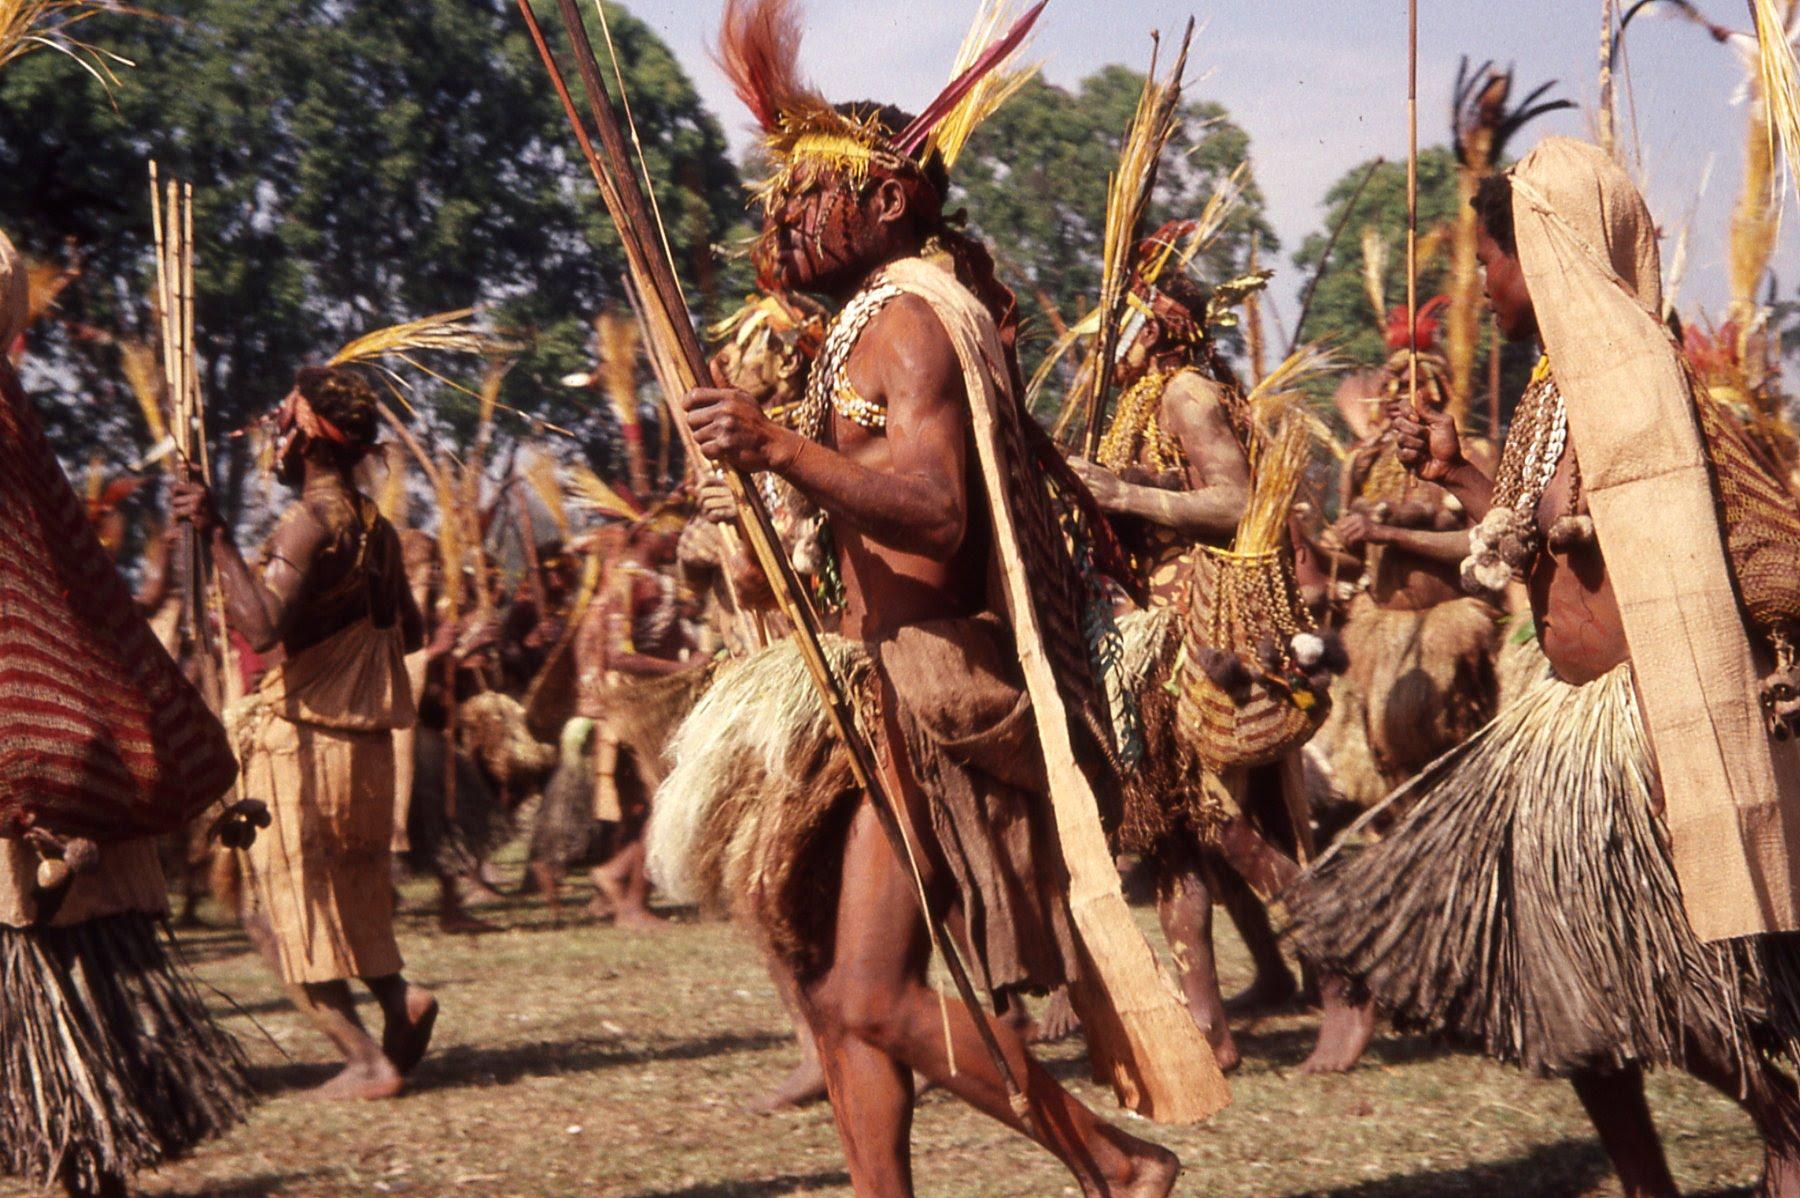 Magia în Papua Noua Guinee